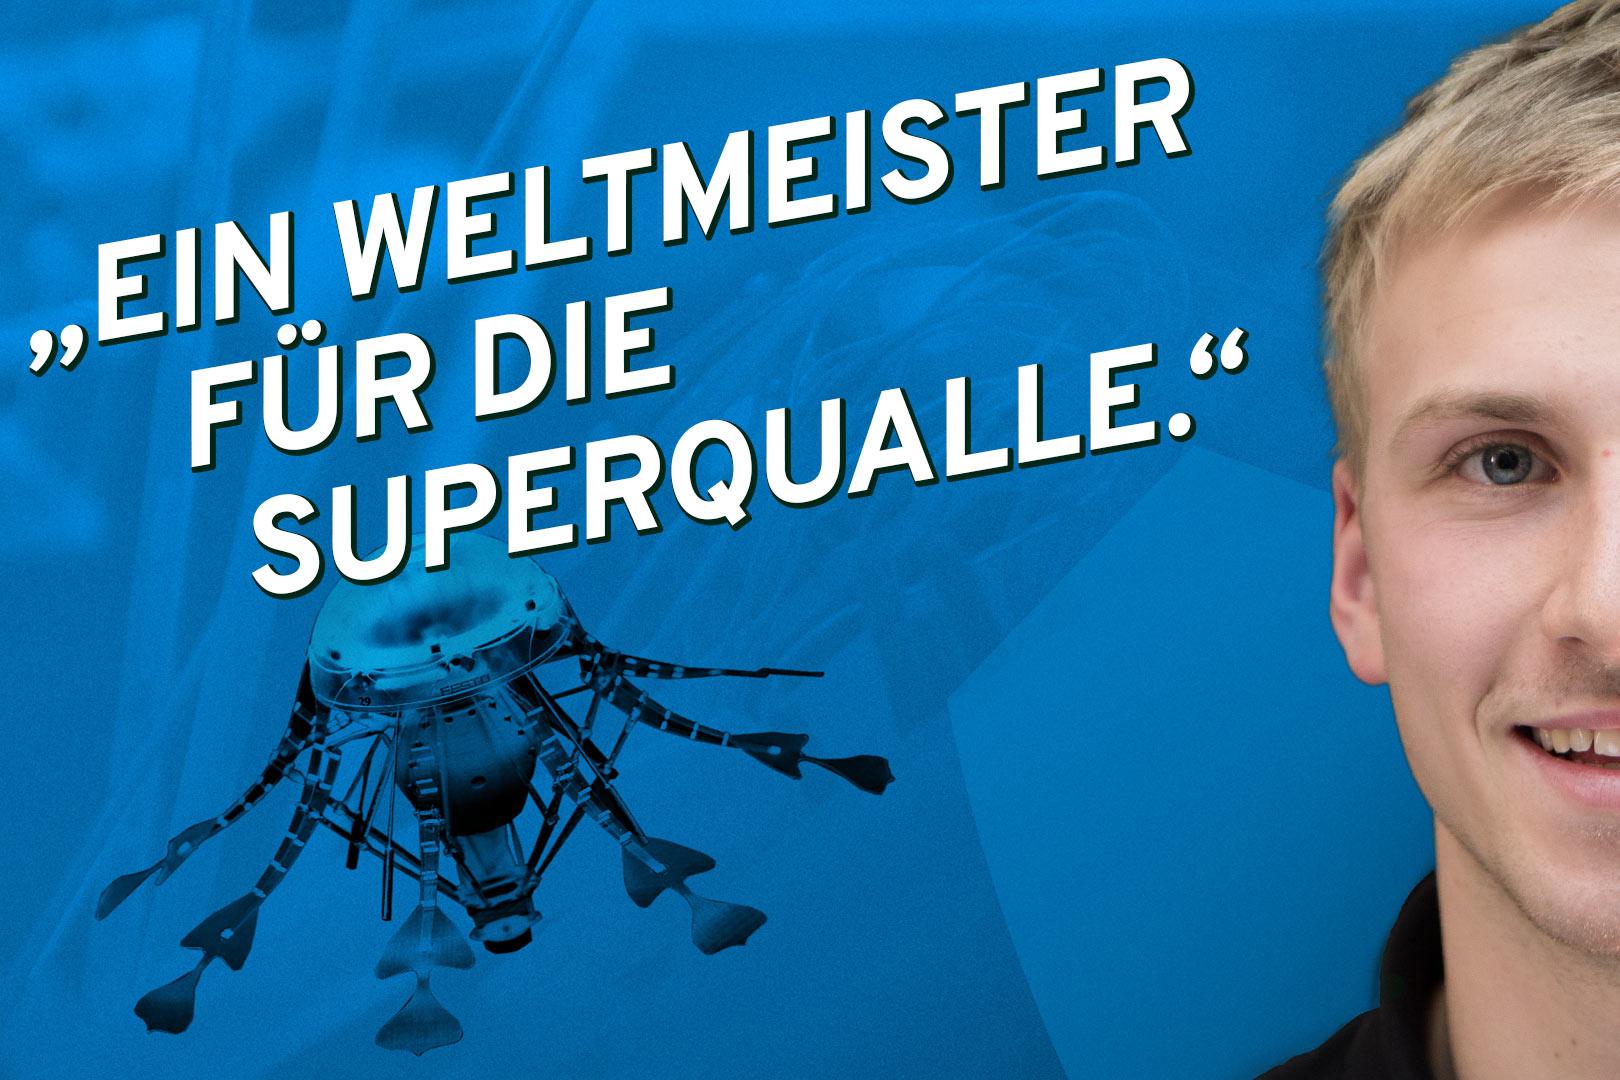 """""""Ein Weltmeister für die Superqualle"""" – Mechatroniker Micha und eine nicht glibberige, automatische Roboter-Qualle"""